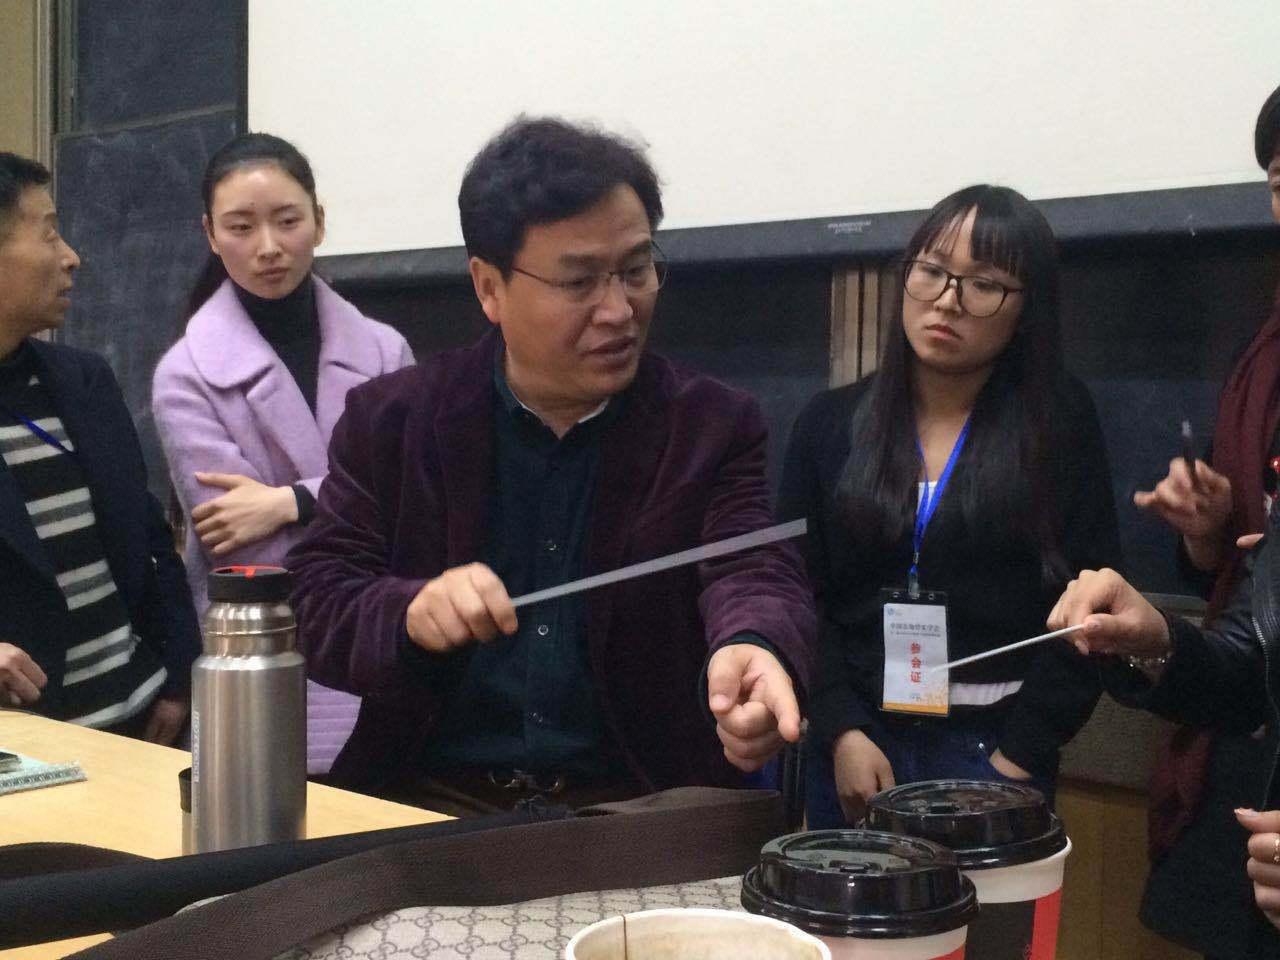 中央音乐学院教授赵瑞林,原中国解放军军乐团副团长姜斯文三位专家的